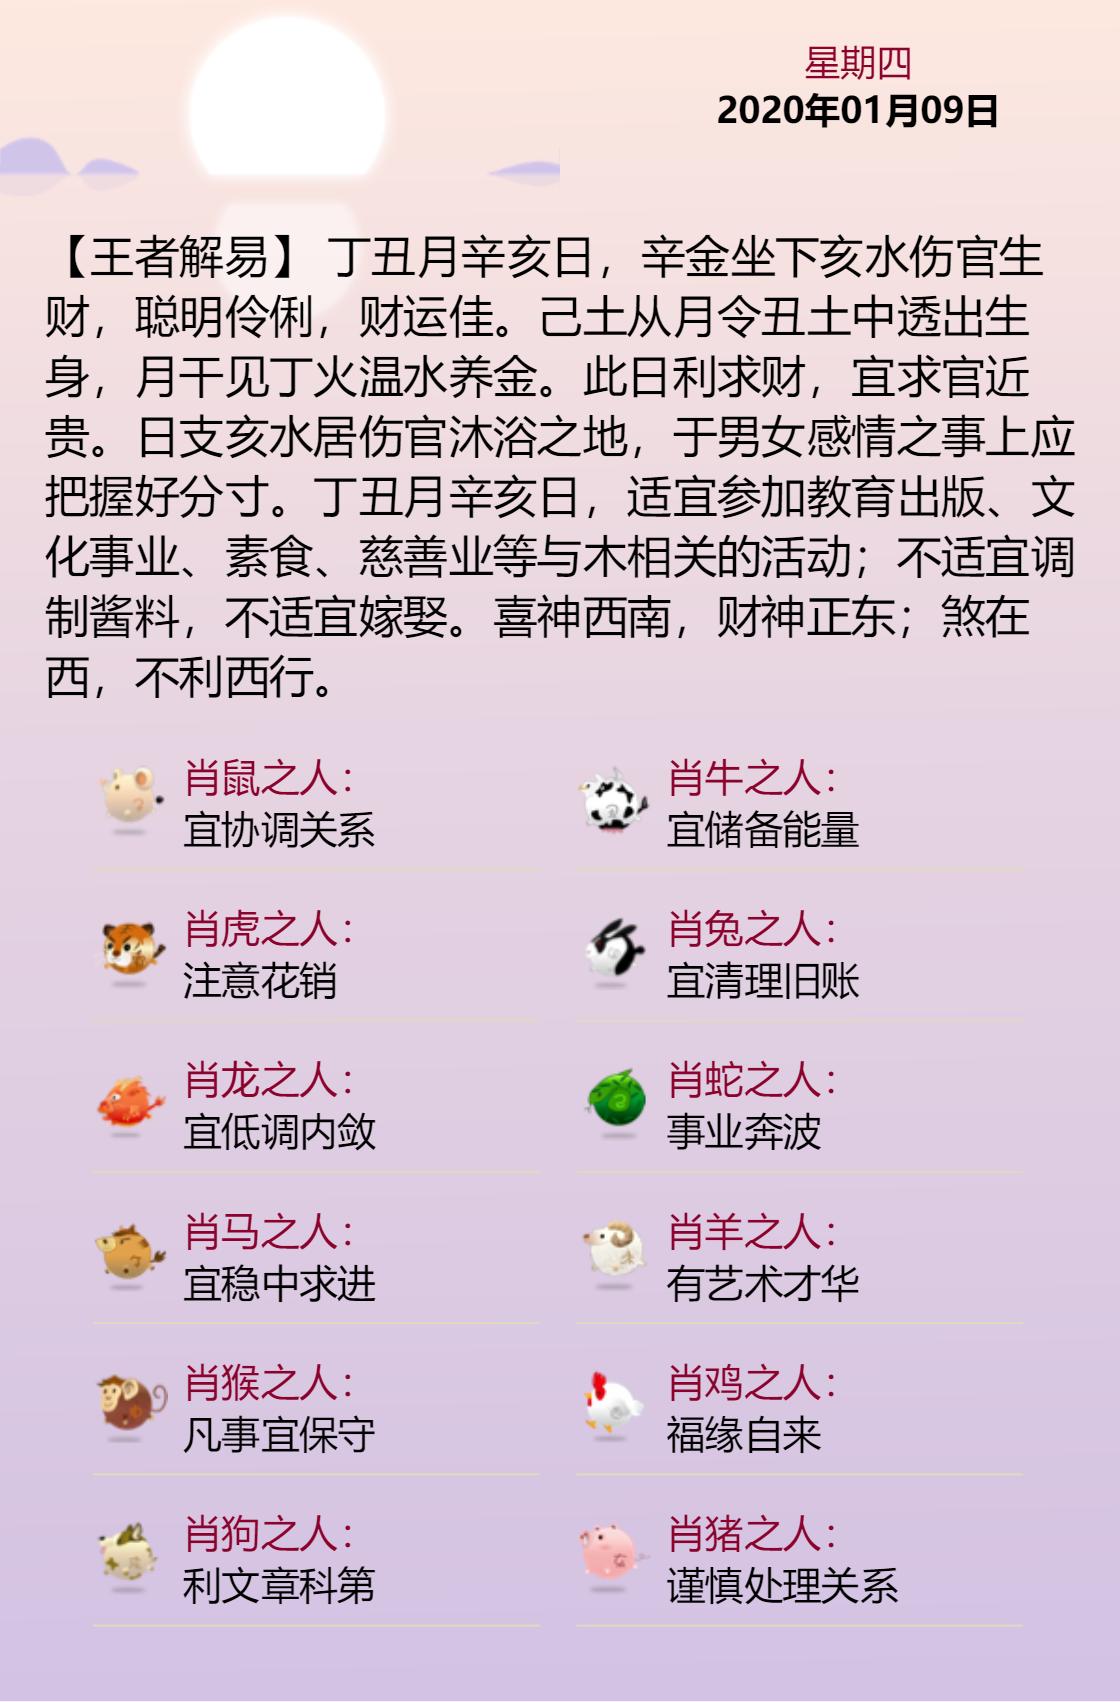 黄历海报20200109.png